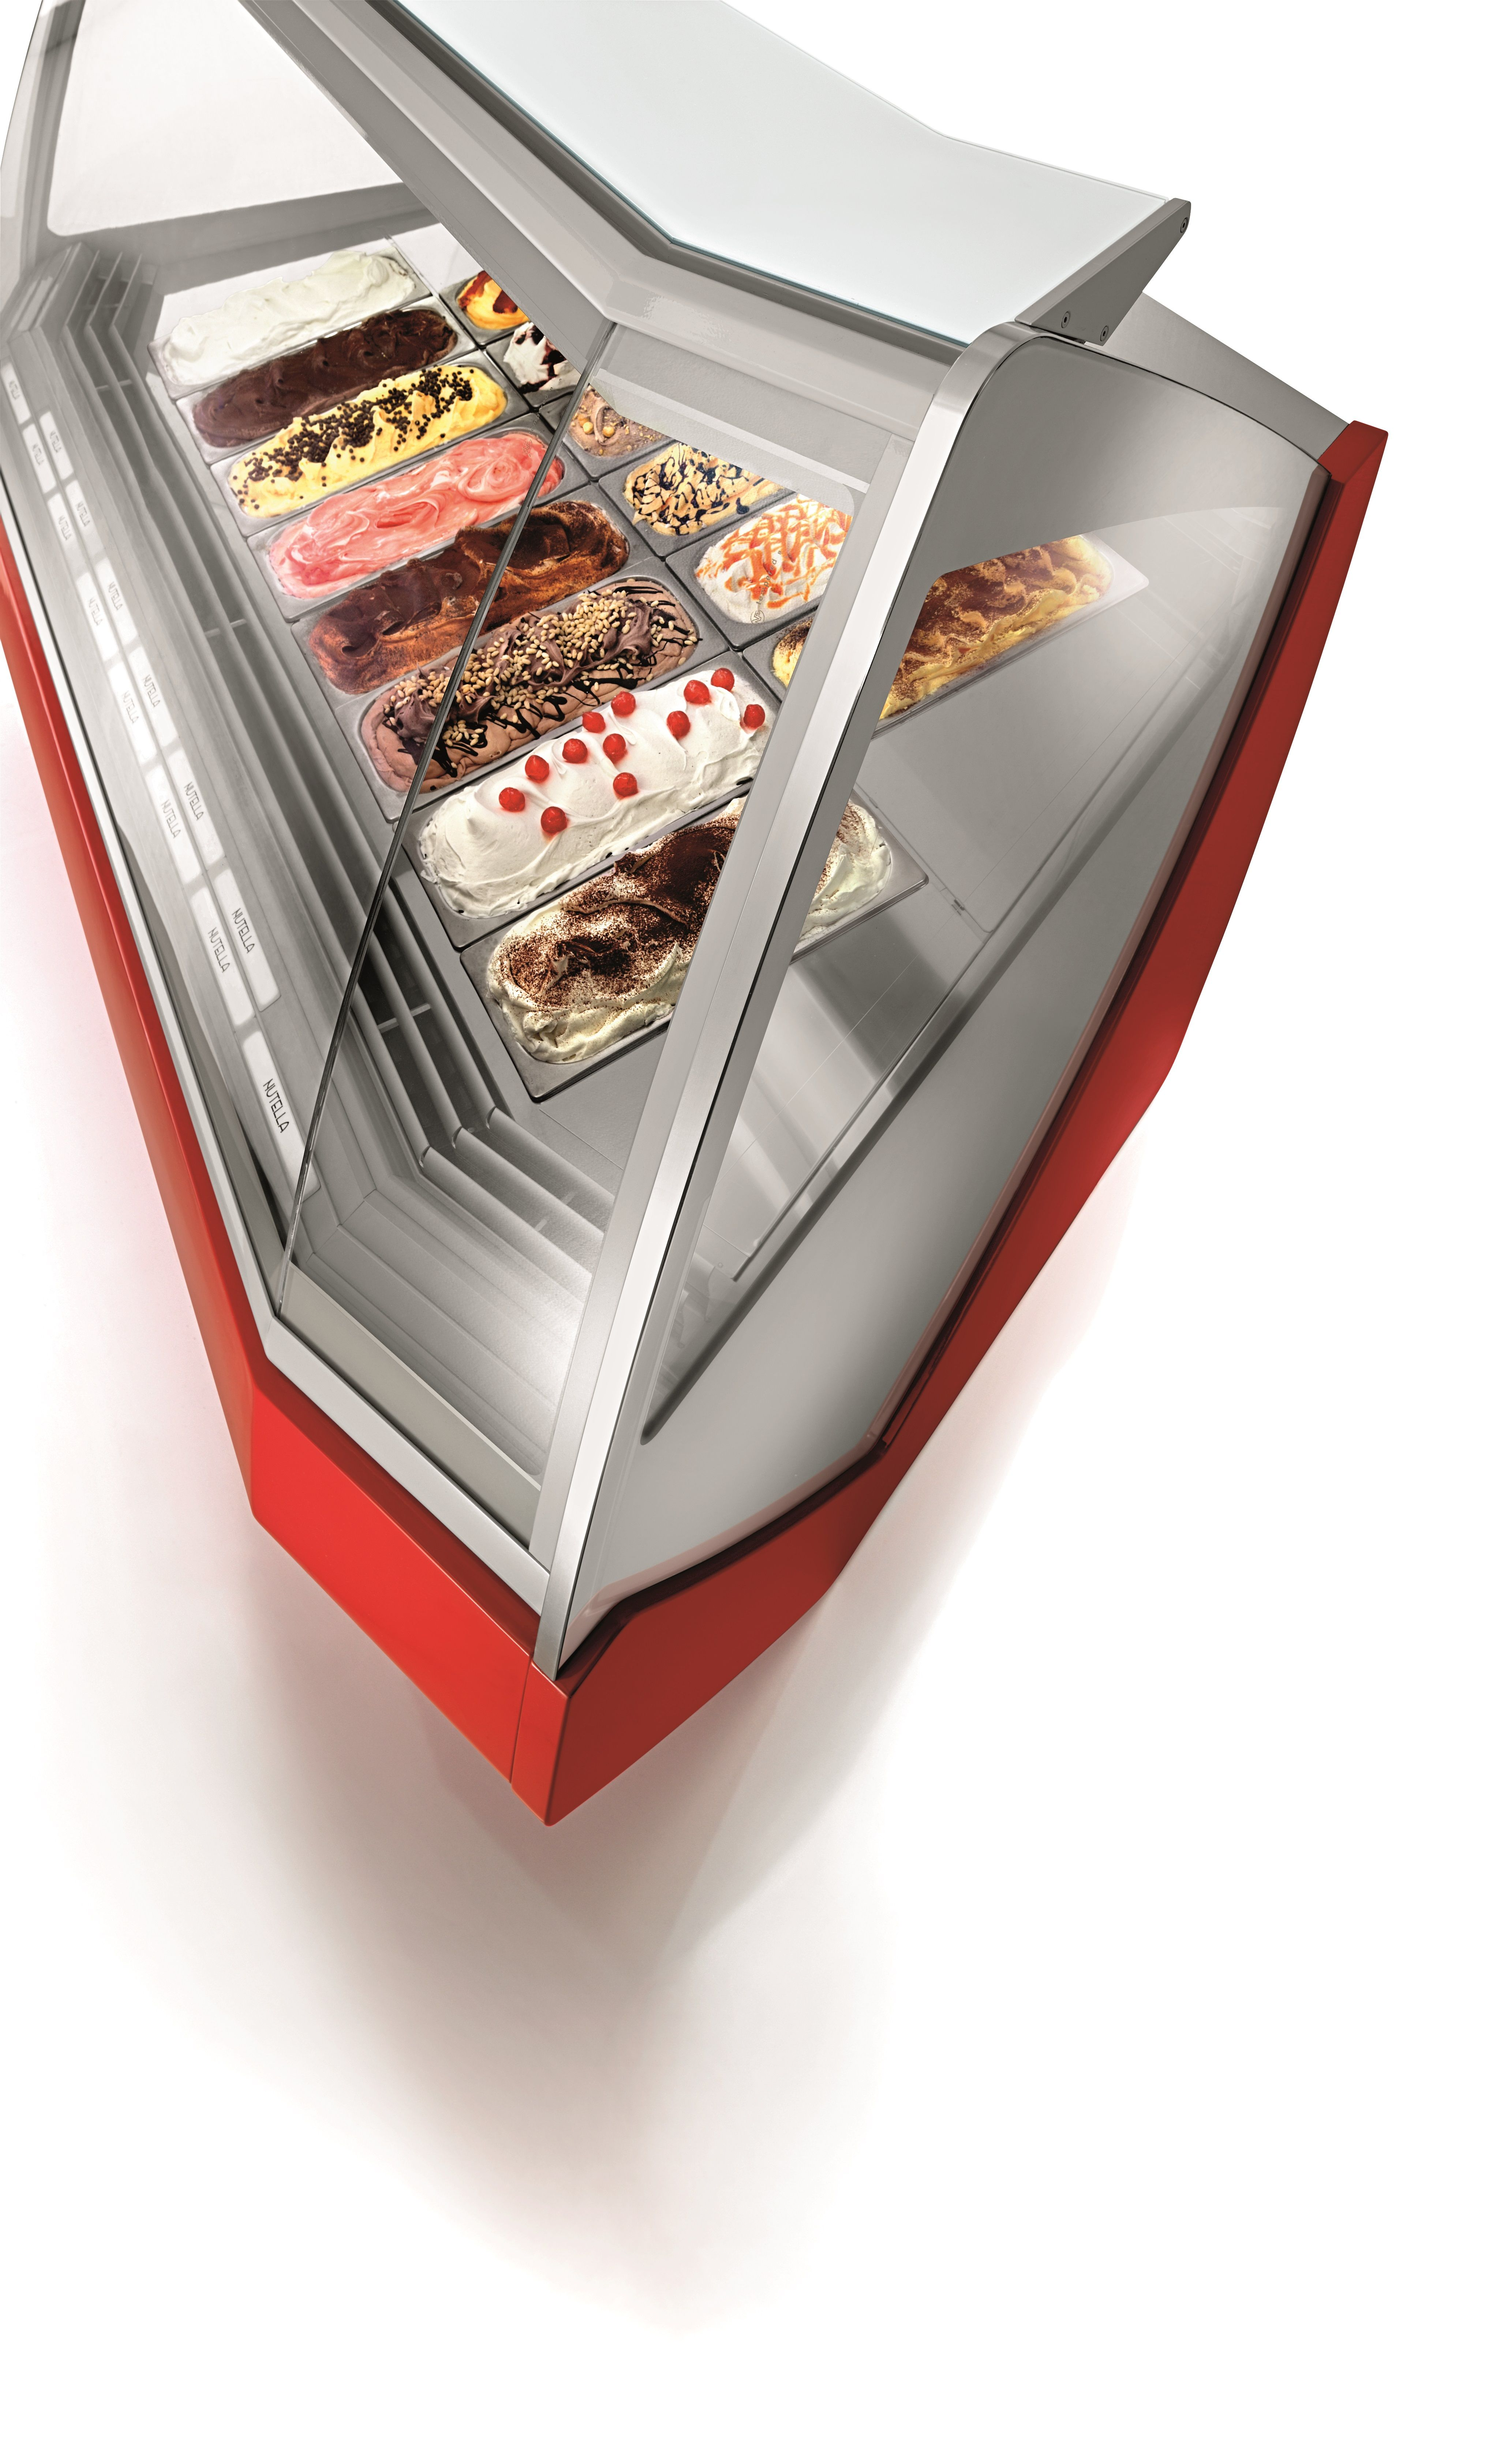 Orion's goal for Tecnica design was to maximize the visibility of the #icecream #display #cabinet. #arredamento #vetrina #vetrine #banco #refrigerato #showcases #icecream #gelateria #pasticceria #gelato #interior #design #style #stile